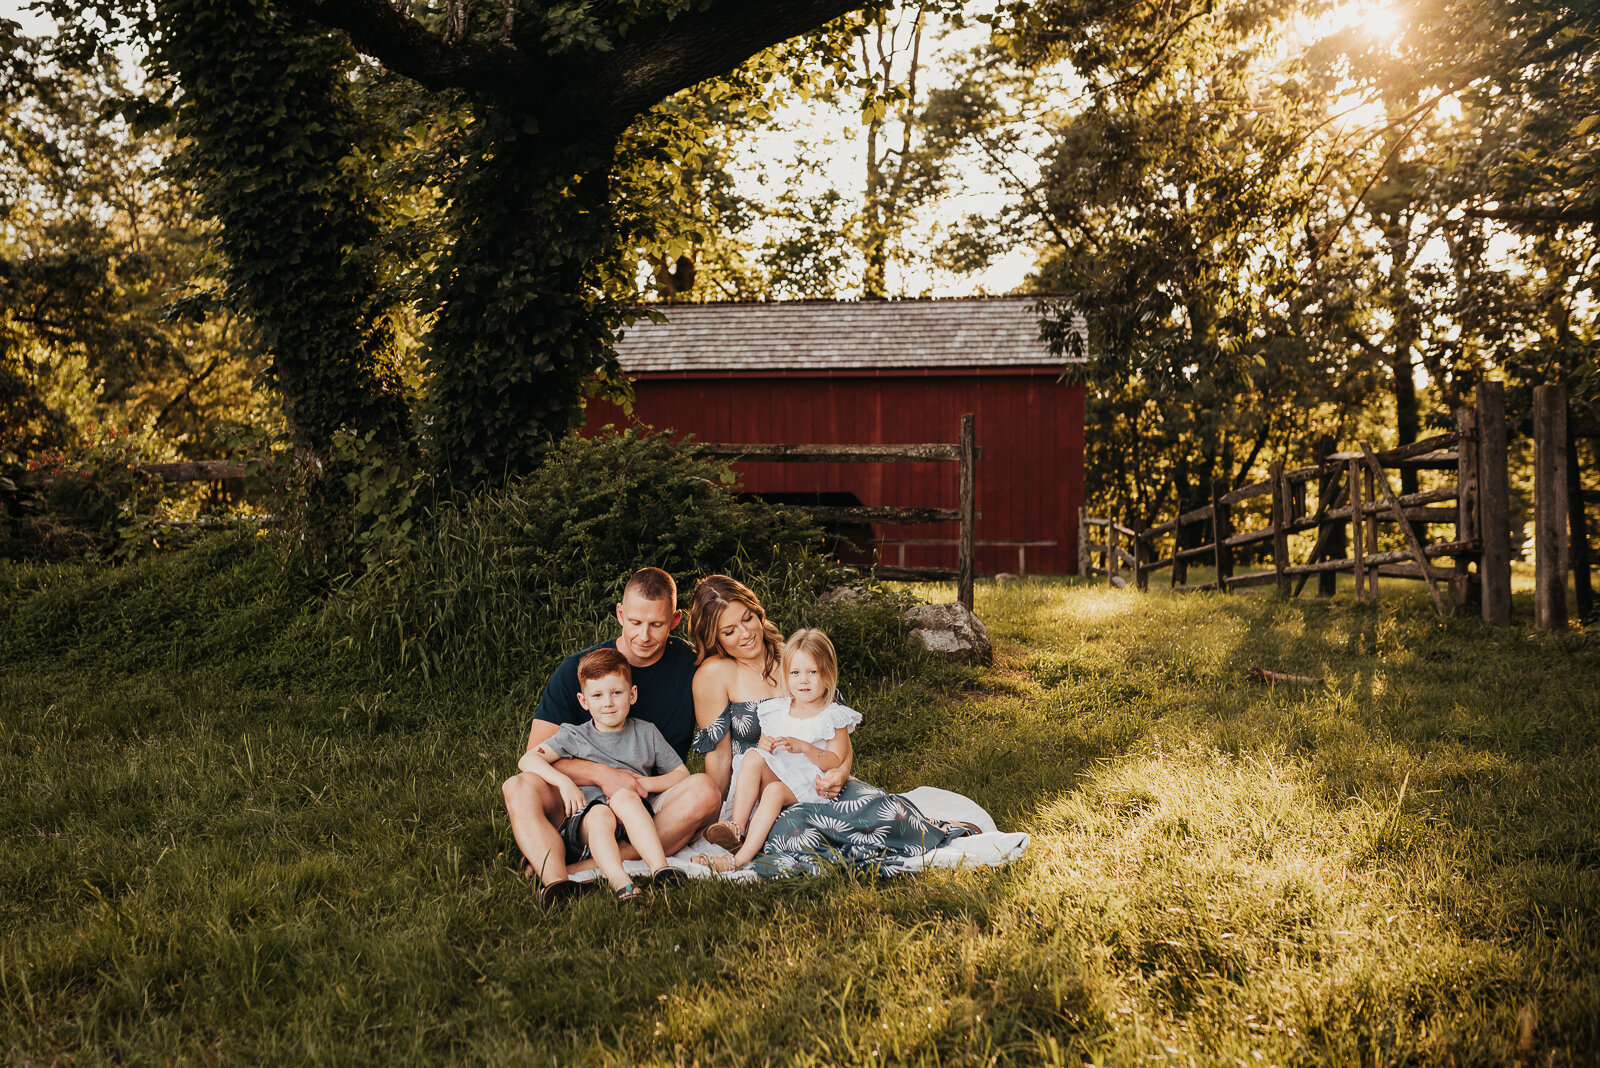 Morristown nj Family Photographer5.jpg